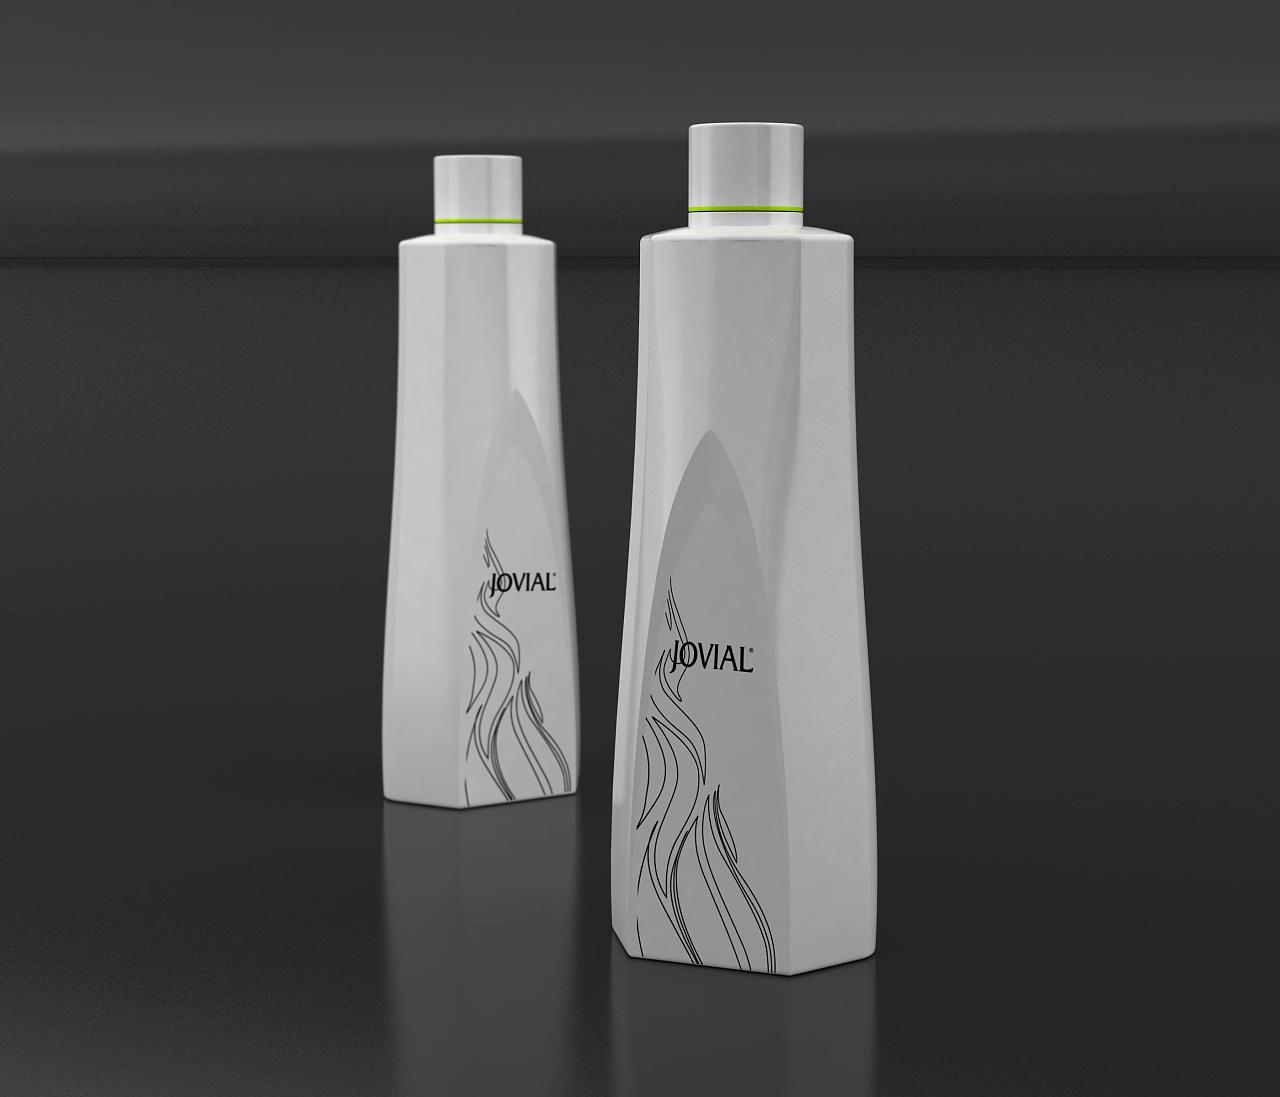 化妆品瓶子设计_化妆品瓶型设计4 平面 包装 sunhb2010 - 原创作品 - 站酷 (ZCOOL)